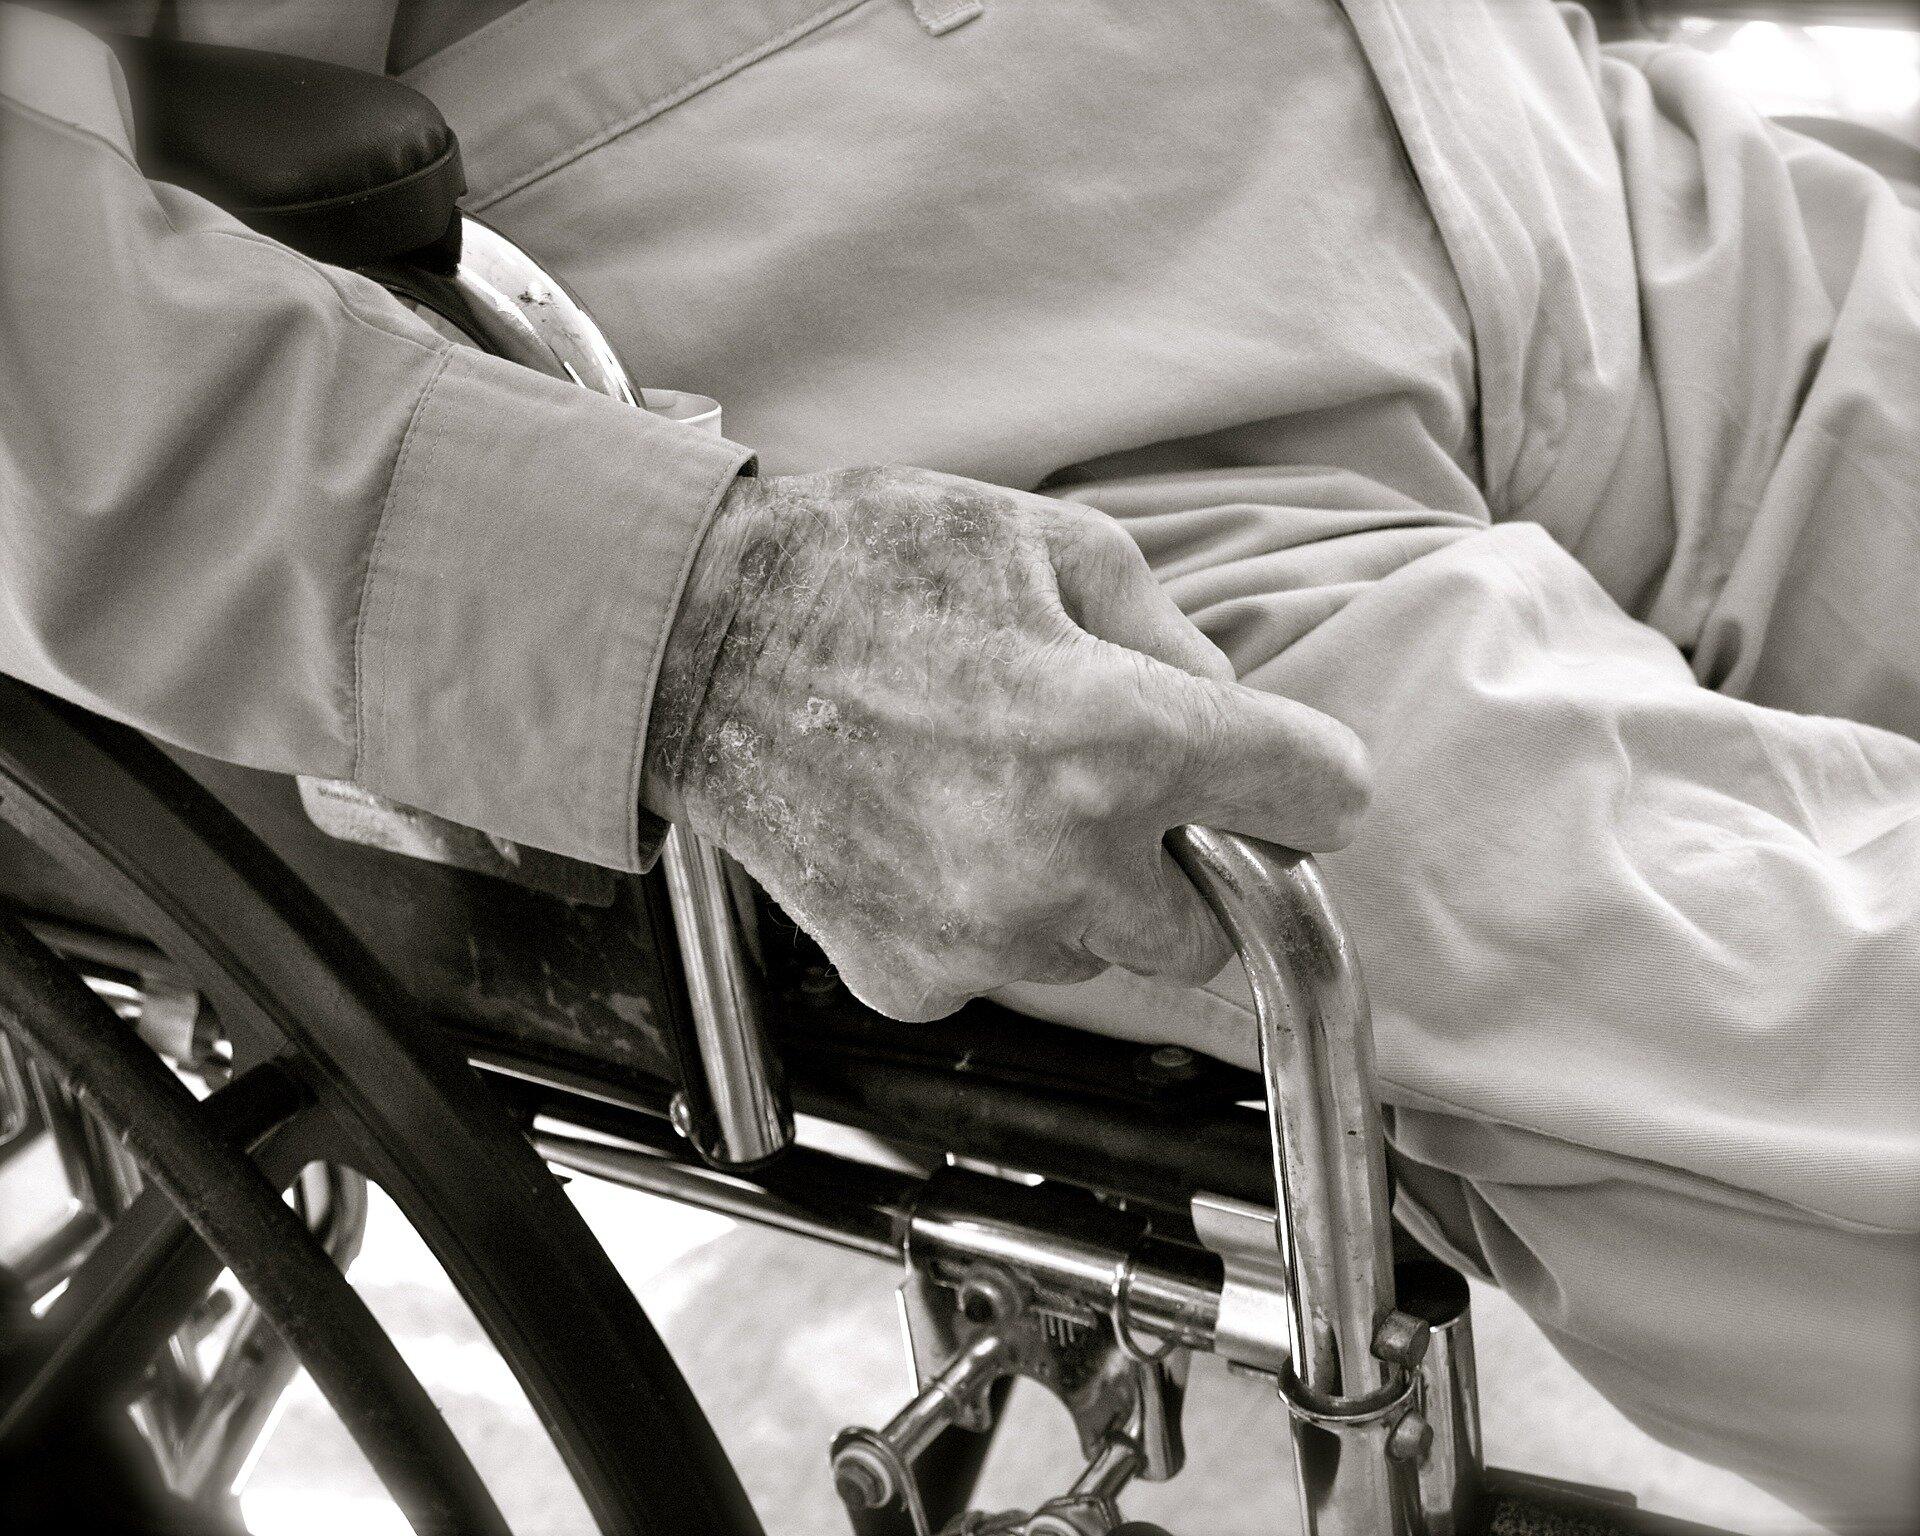 Hilfe mit Medikamenten reduziert Krankenhauseinweisungen bei älteren Patienten: Studie